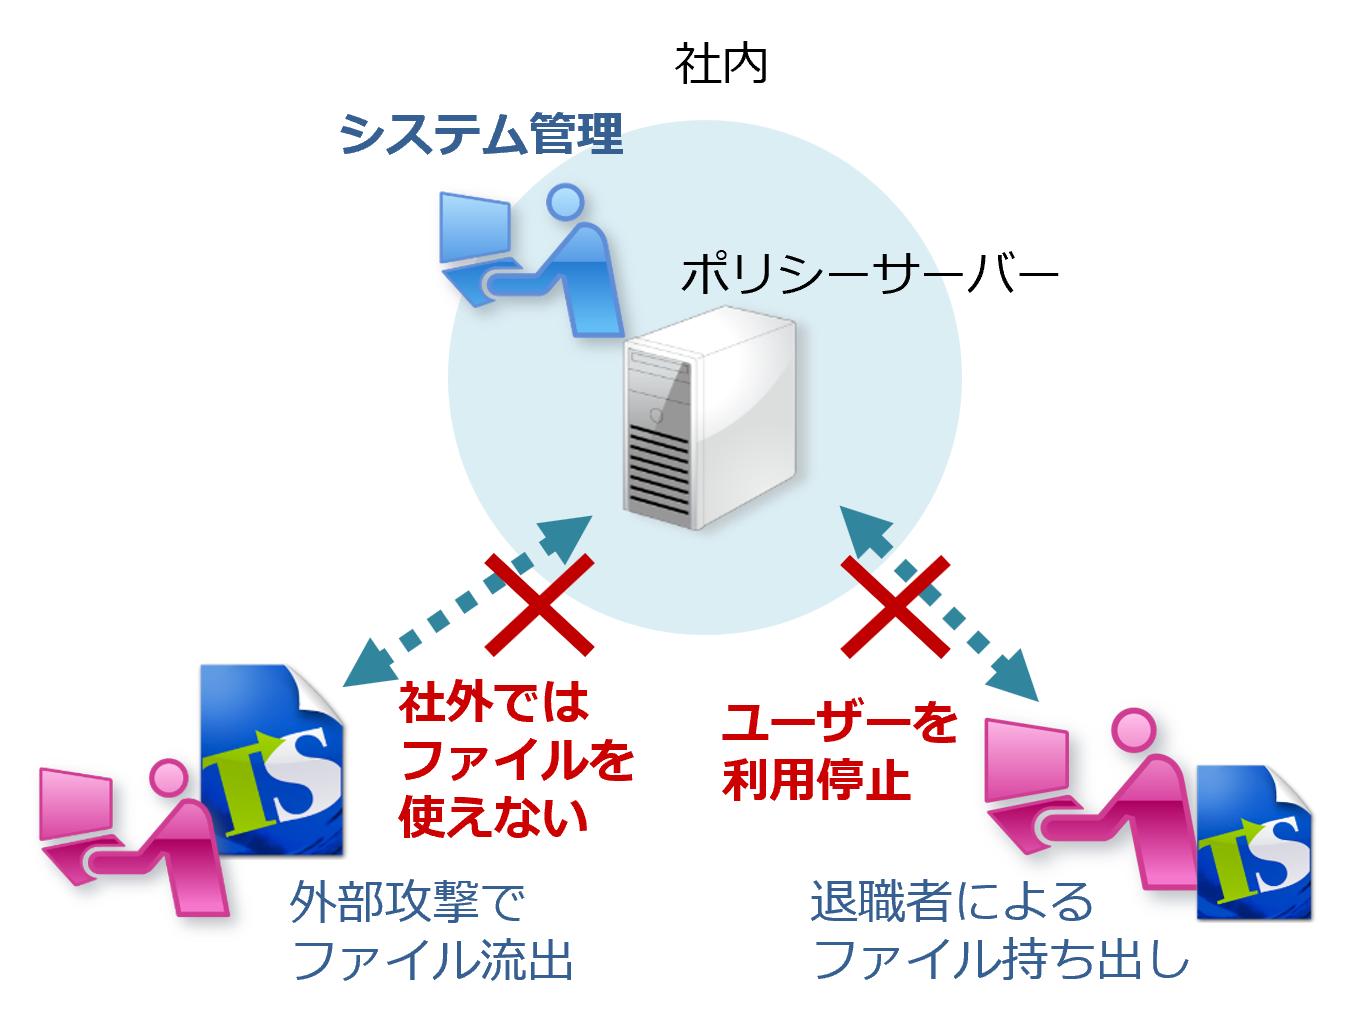 万が一の不正発覚時には、即座にファイルを利用停止